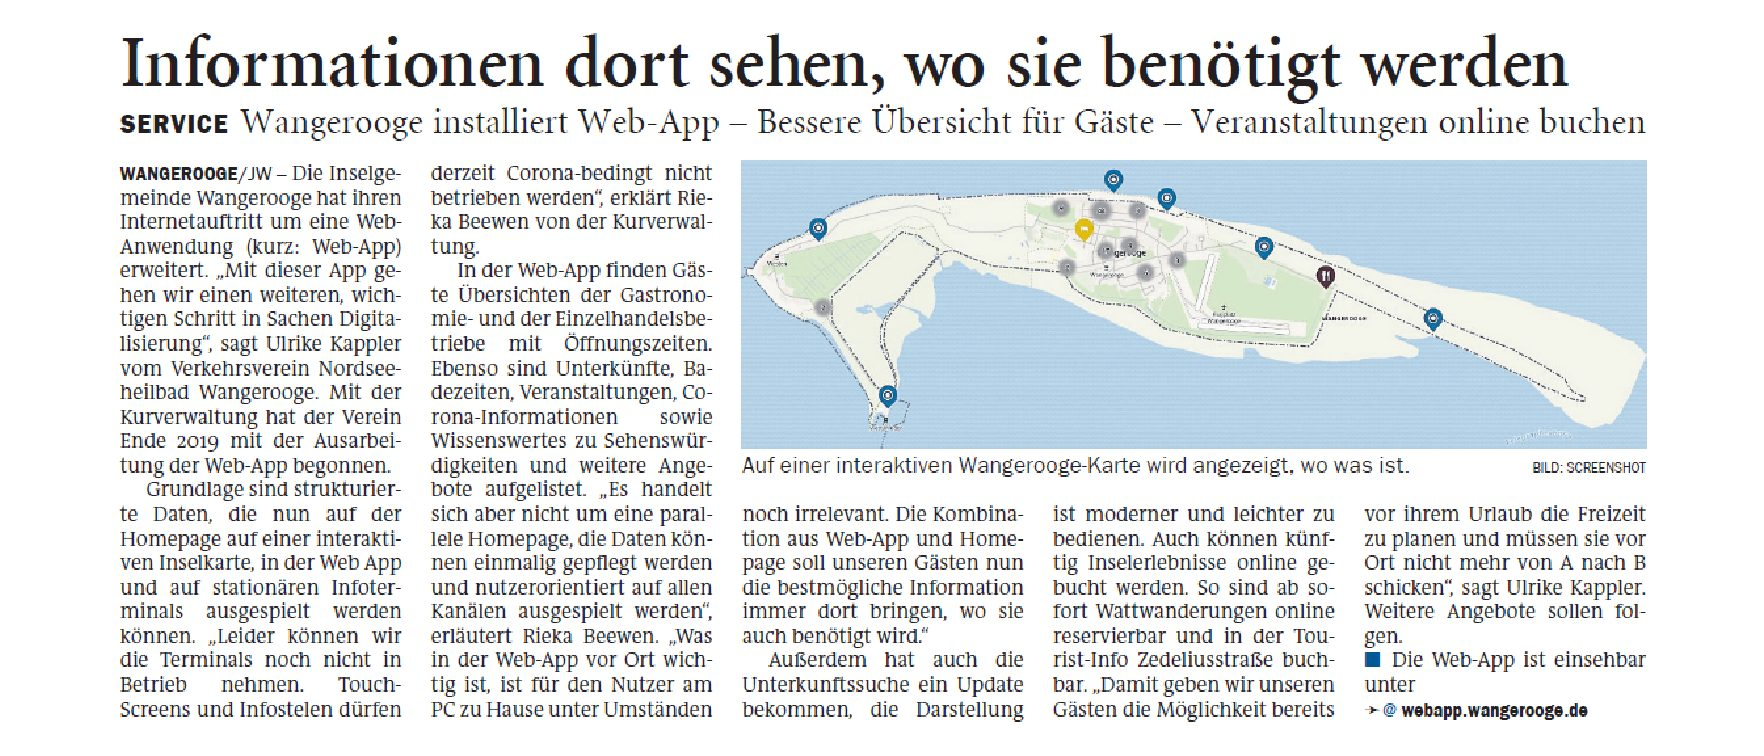 Jeversches Wochenblatt 10.07.2020 II